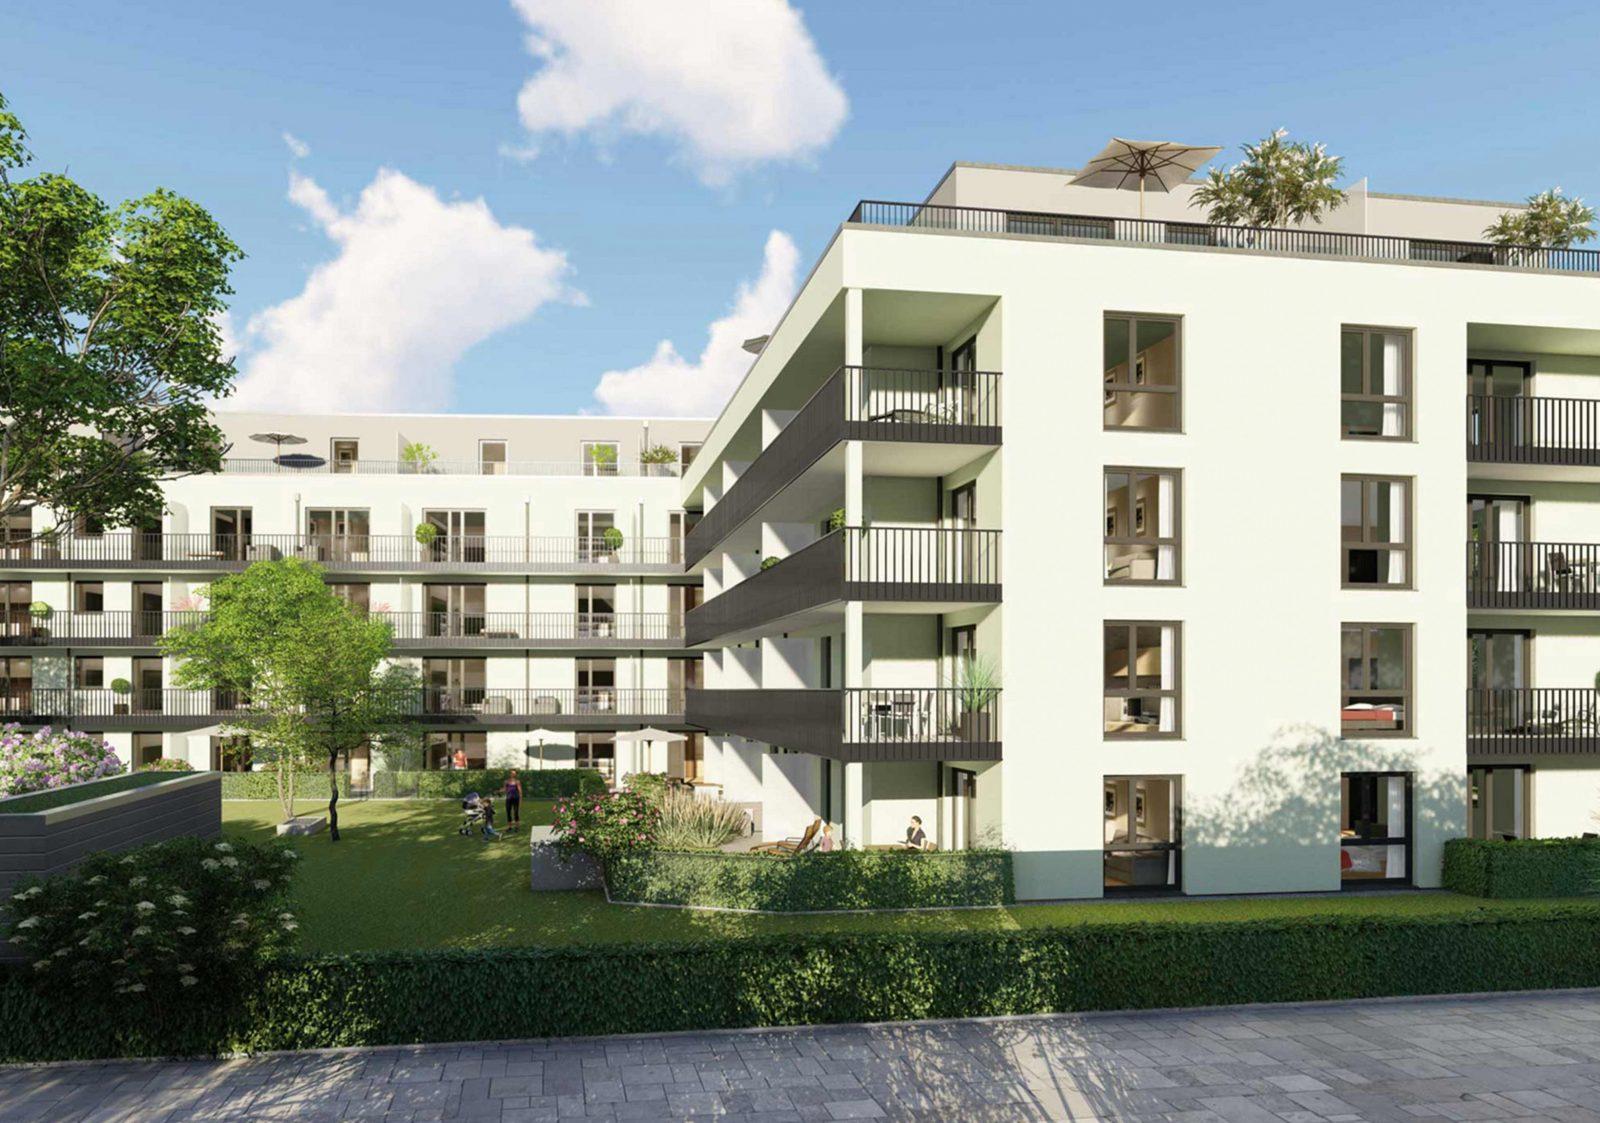 Wohnung Kaufen In Neusäß  Beethoven Park 6 von Haus Kaufen In Potsdam Bild